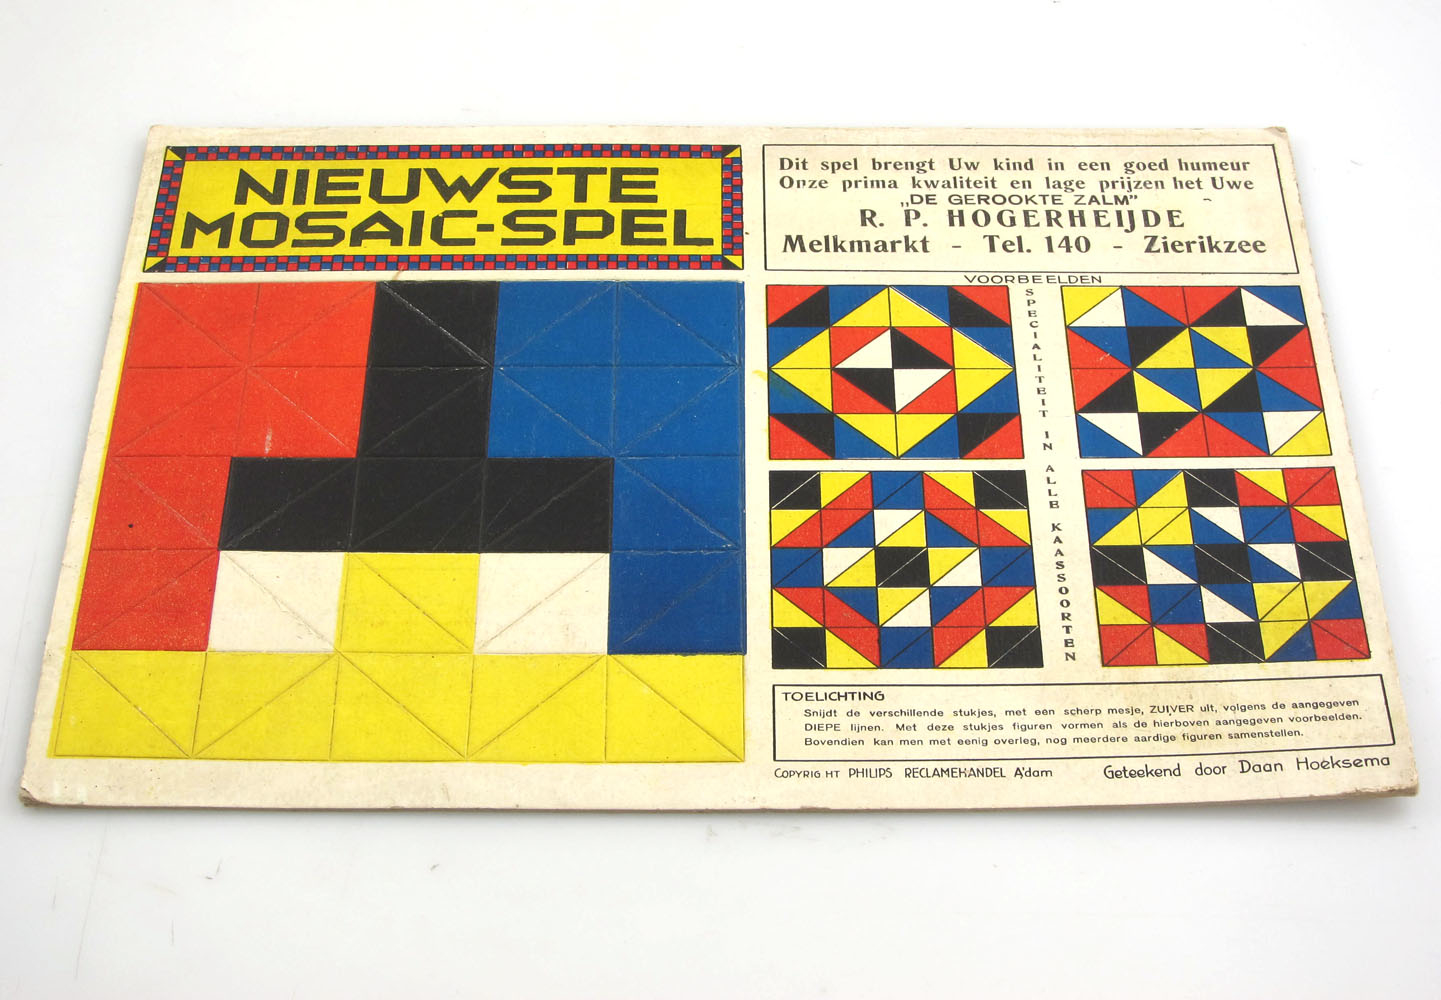 De Stijl style 1920s Mosaic game